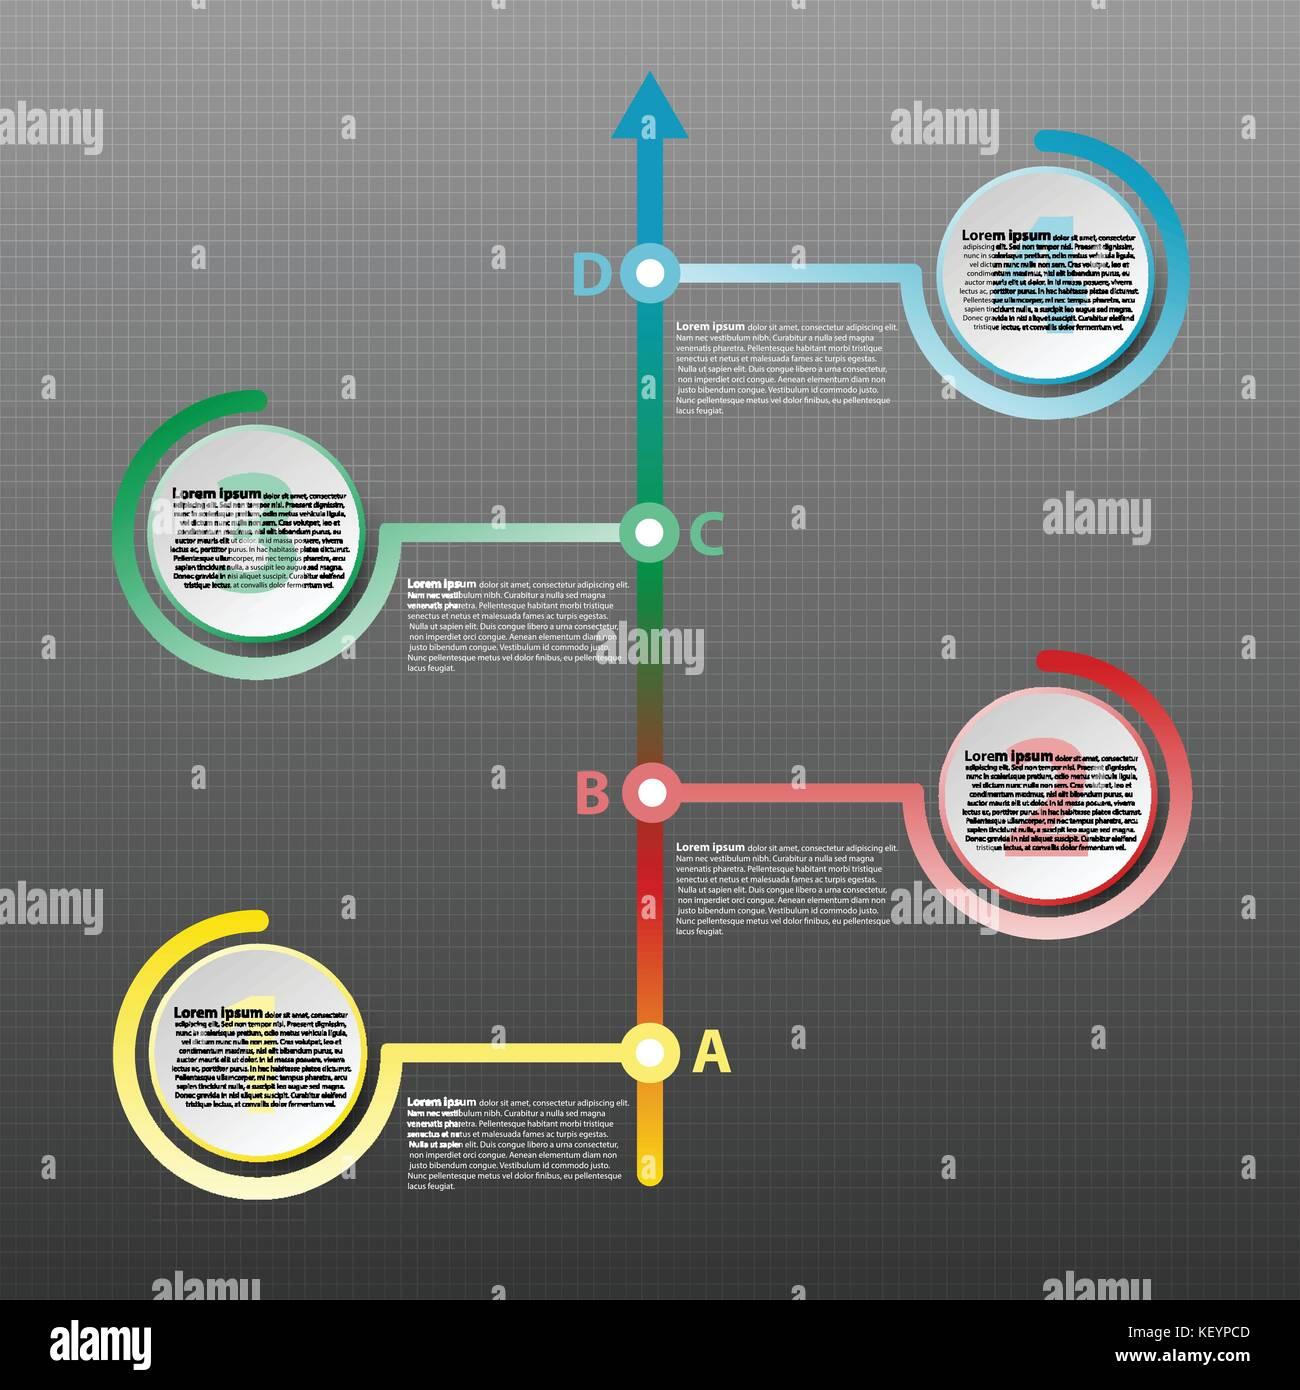 Ungewöhnlich Pcd Diagramm Fotos - Der Schaltplan - rewardsngifts.info